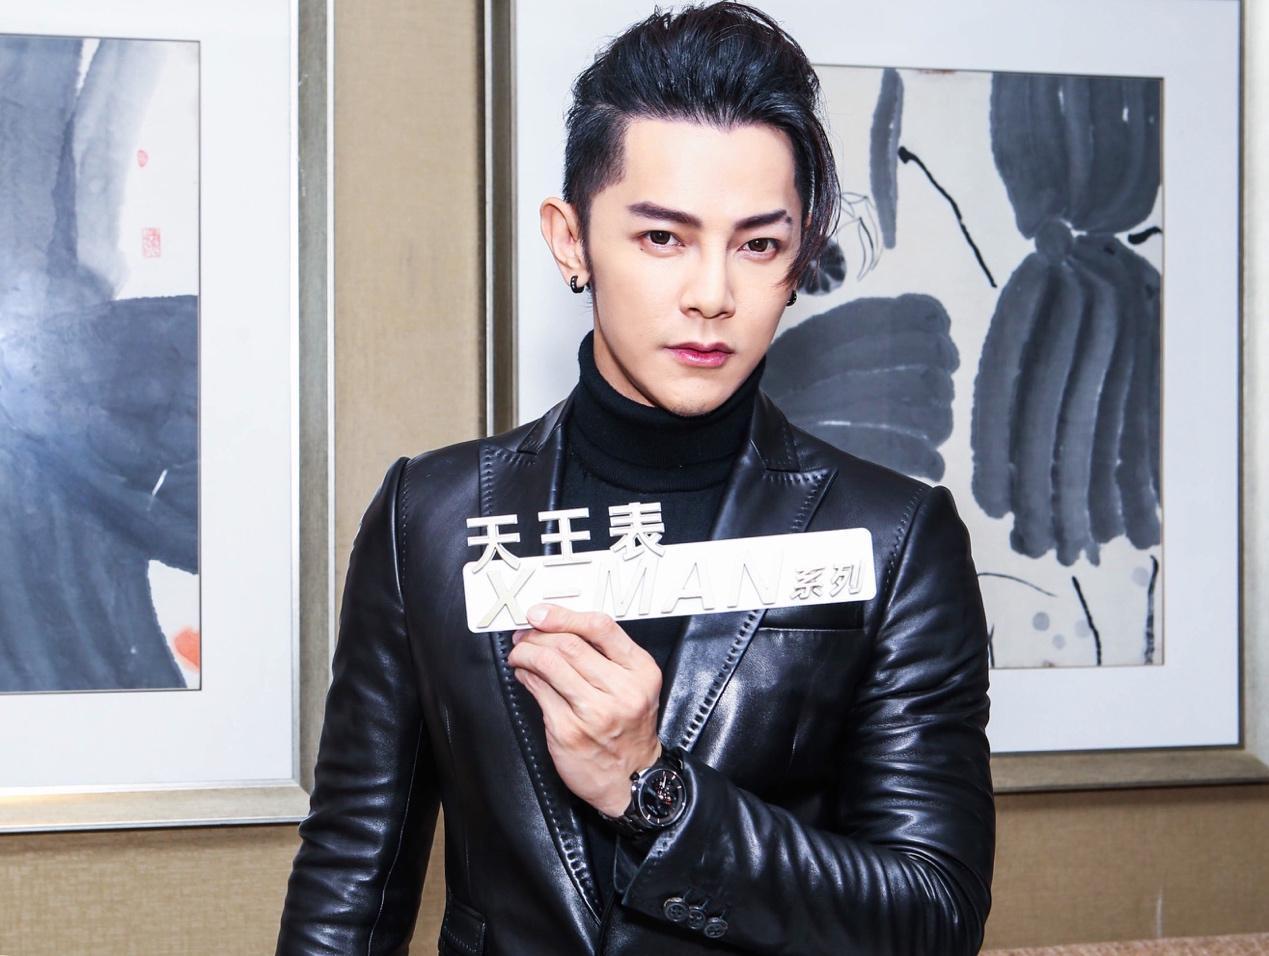 汪东城携手天王表X-MAN系列 缔造潮流新风尚